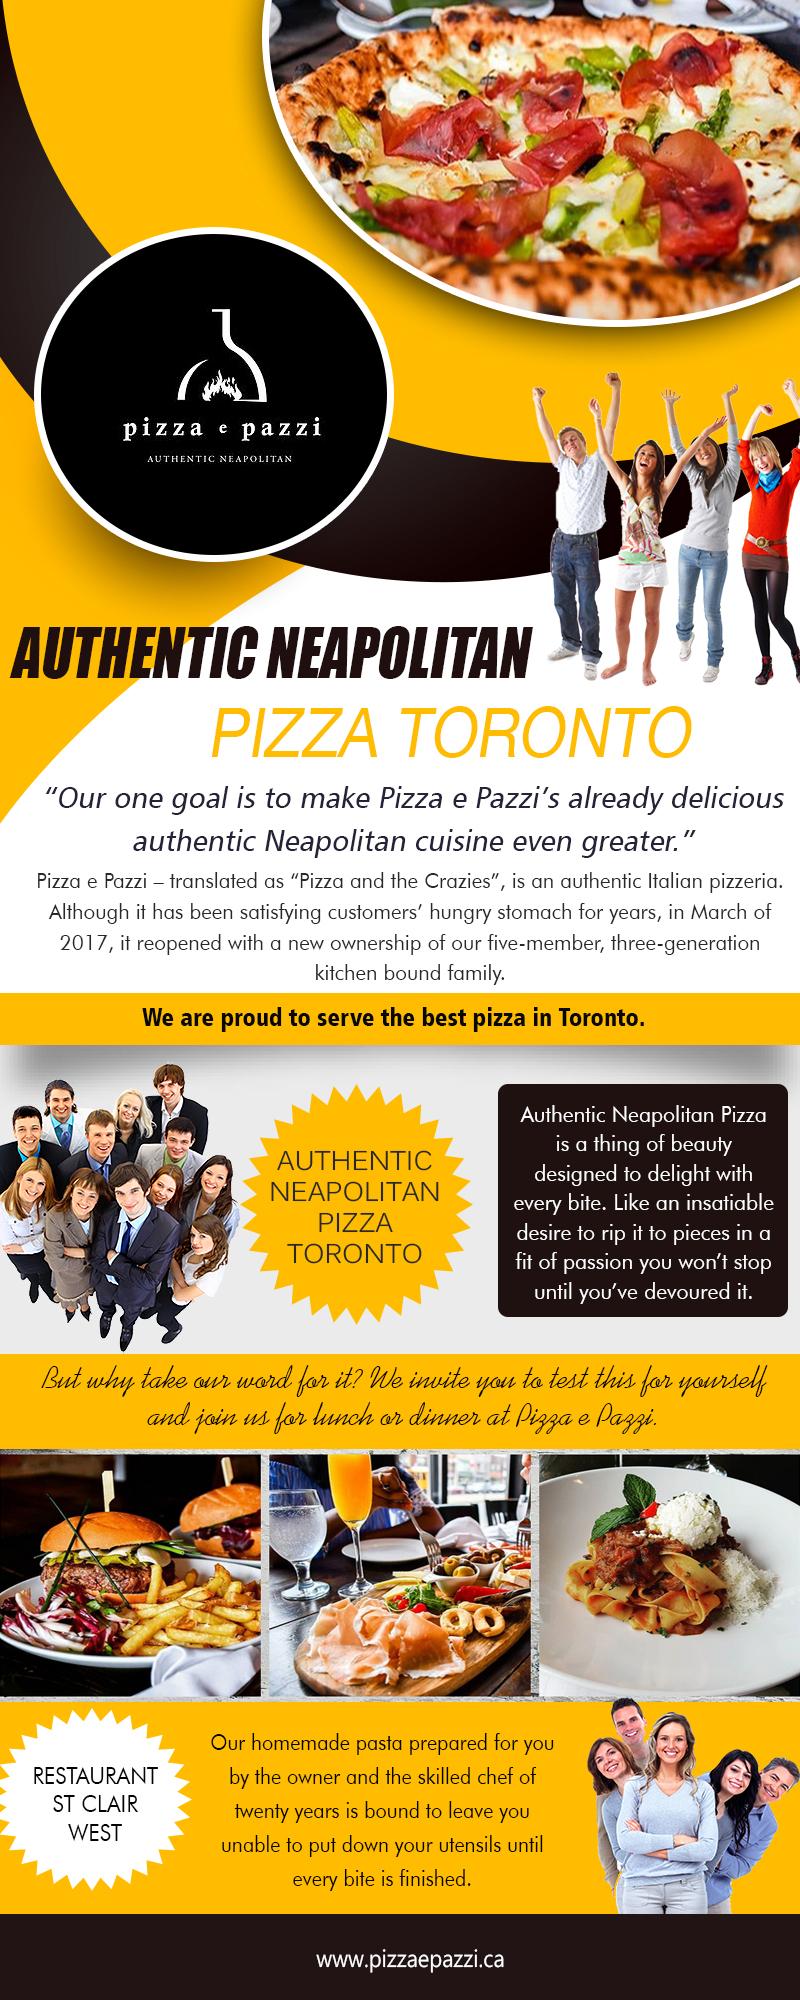 Authentic Neapolitan Pizza Toronto